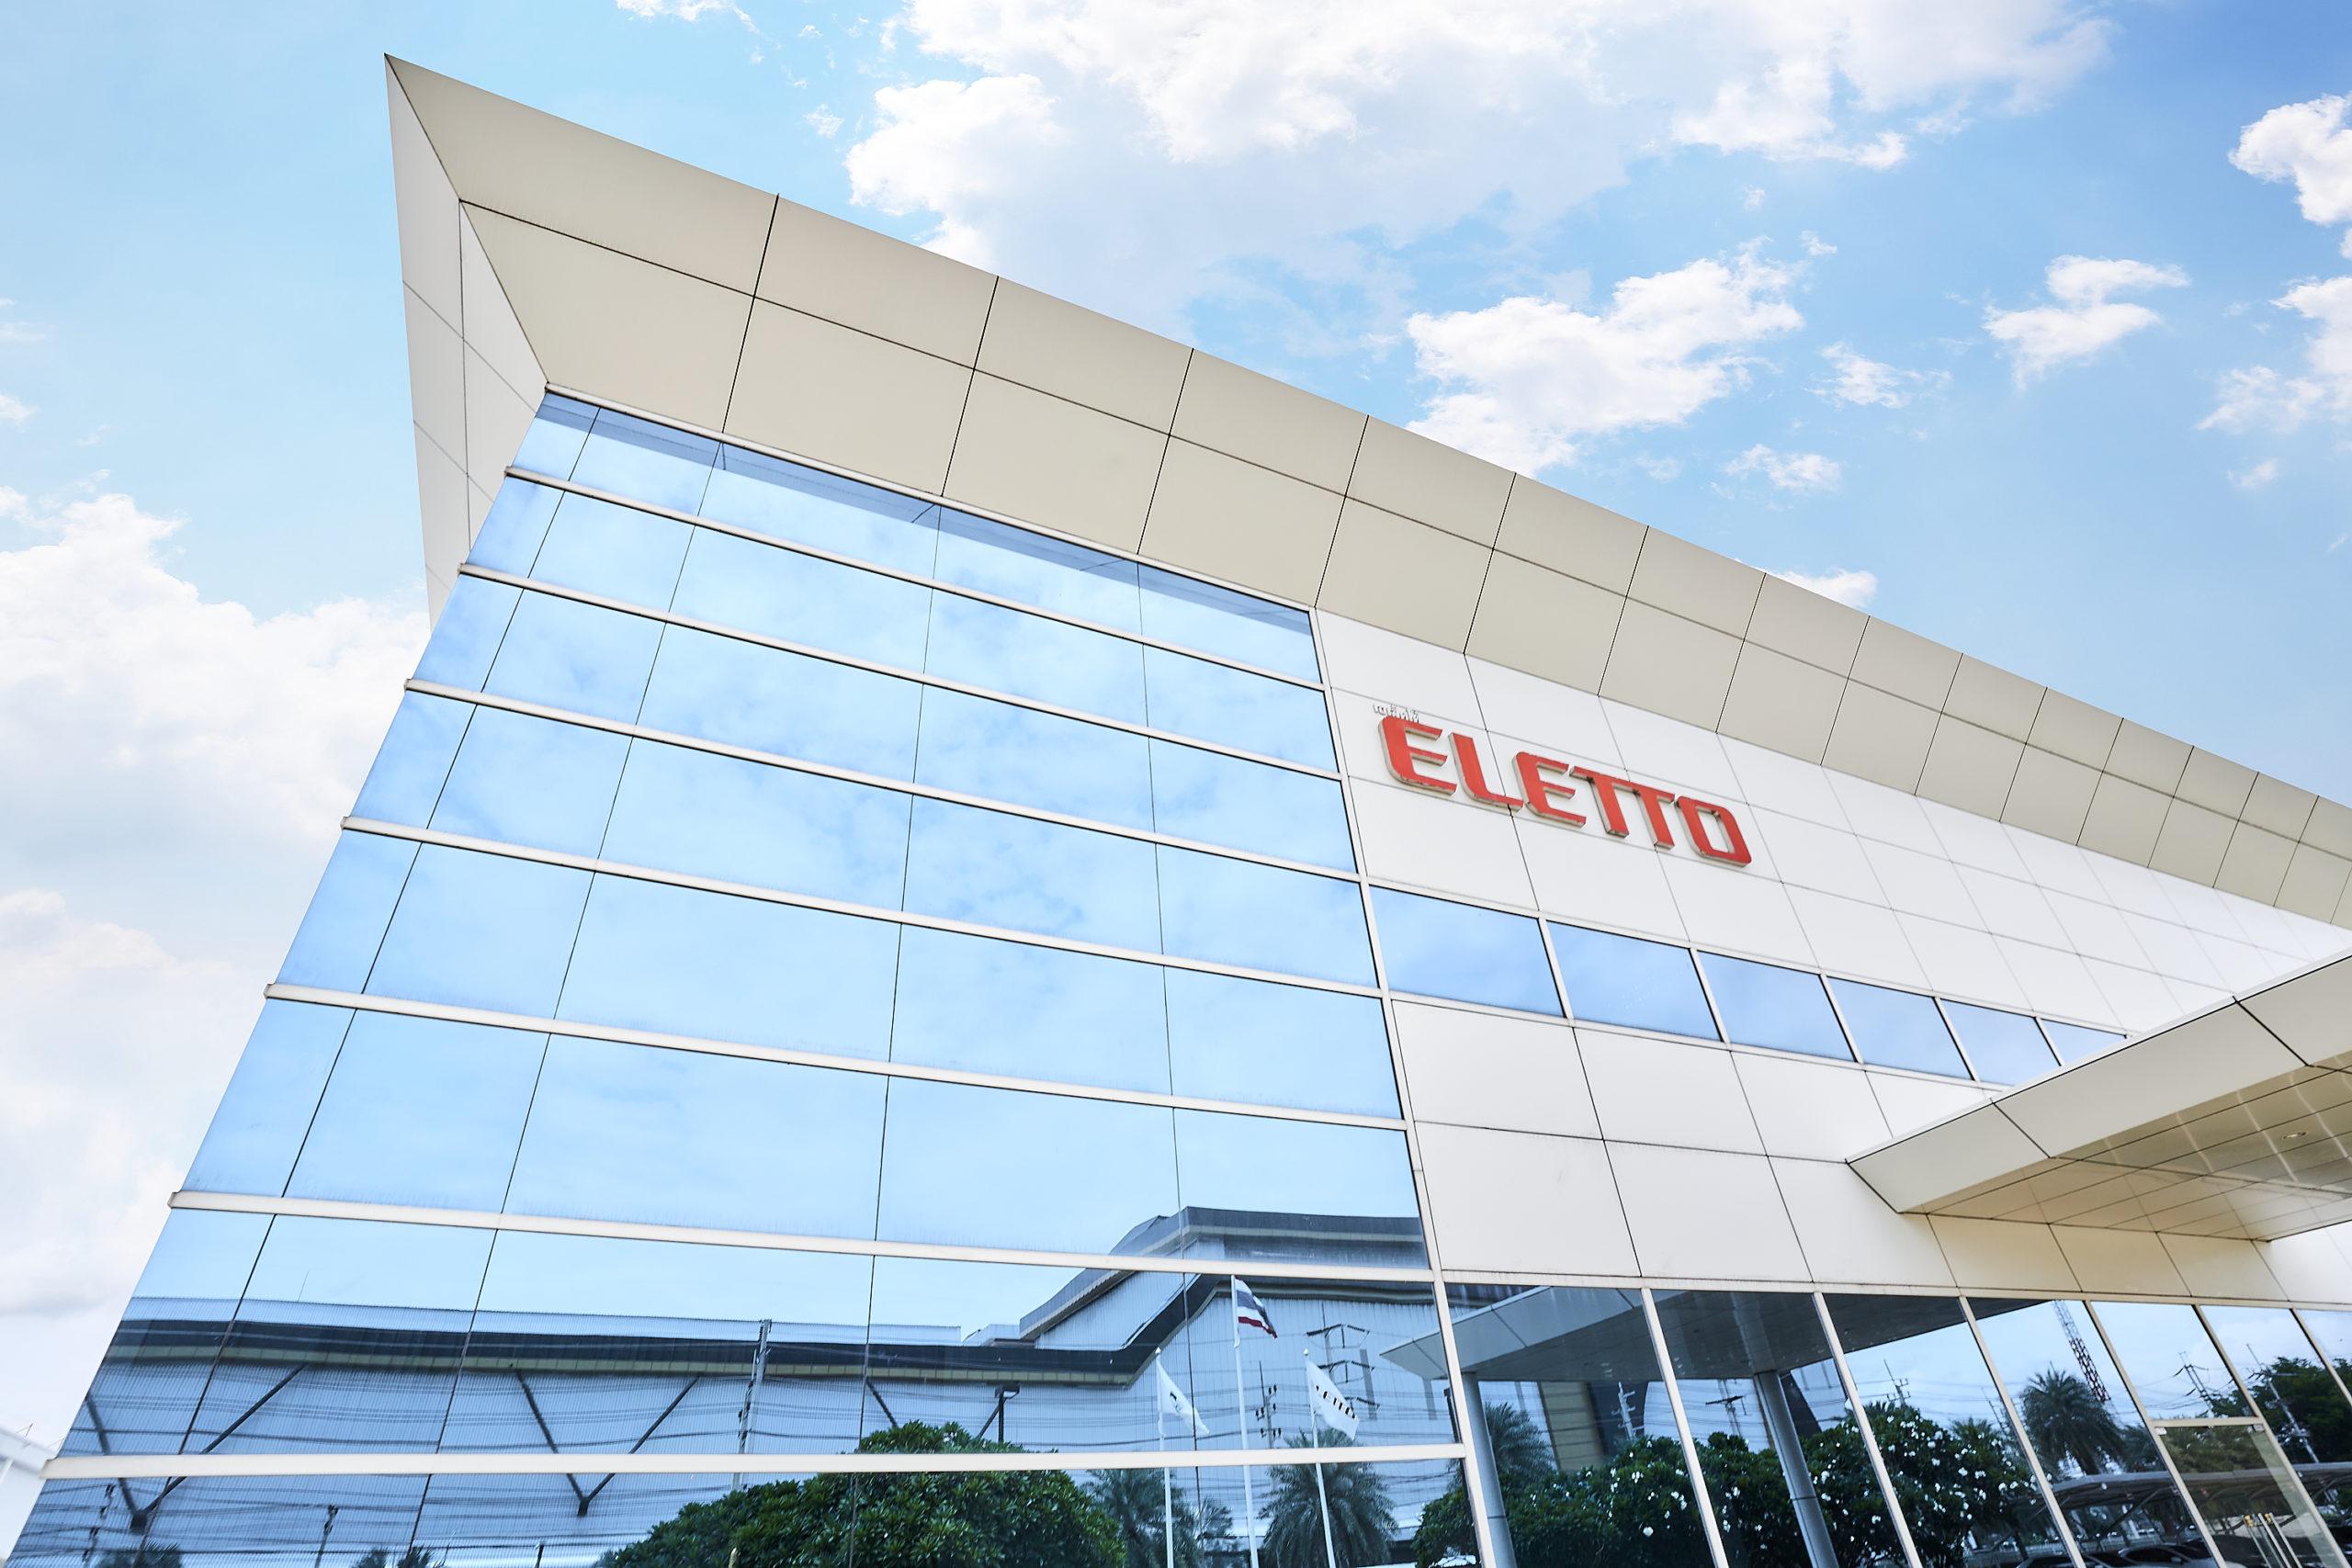 Eletto Picked05-08-20 - 206